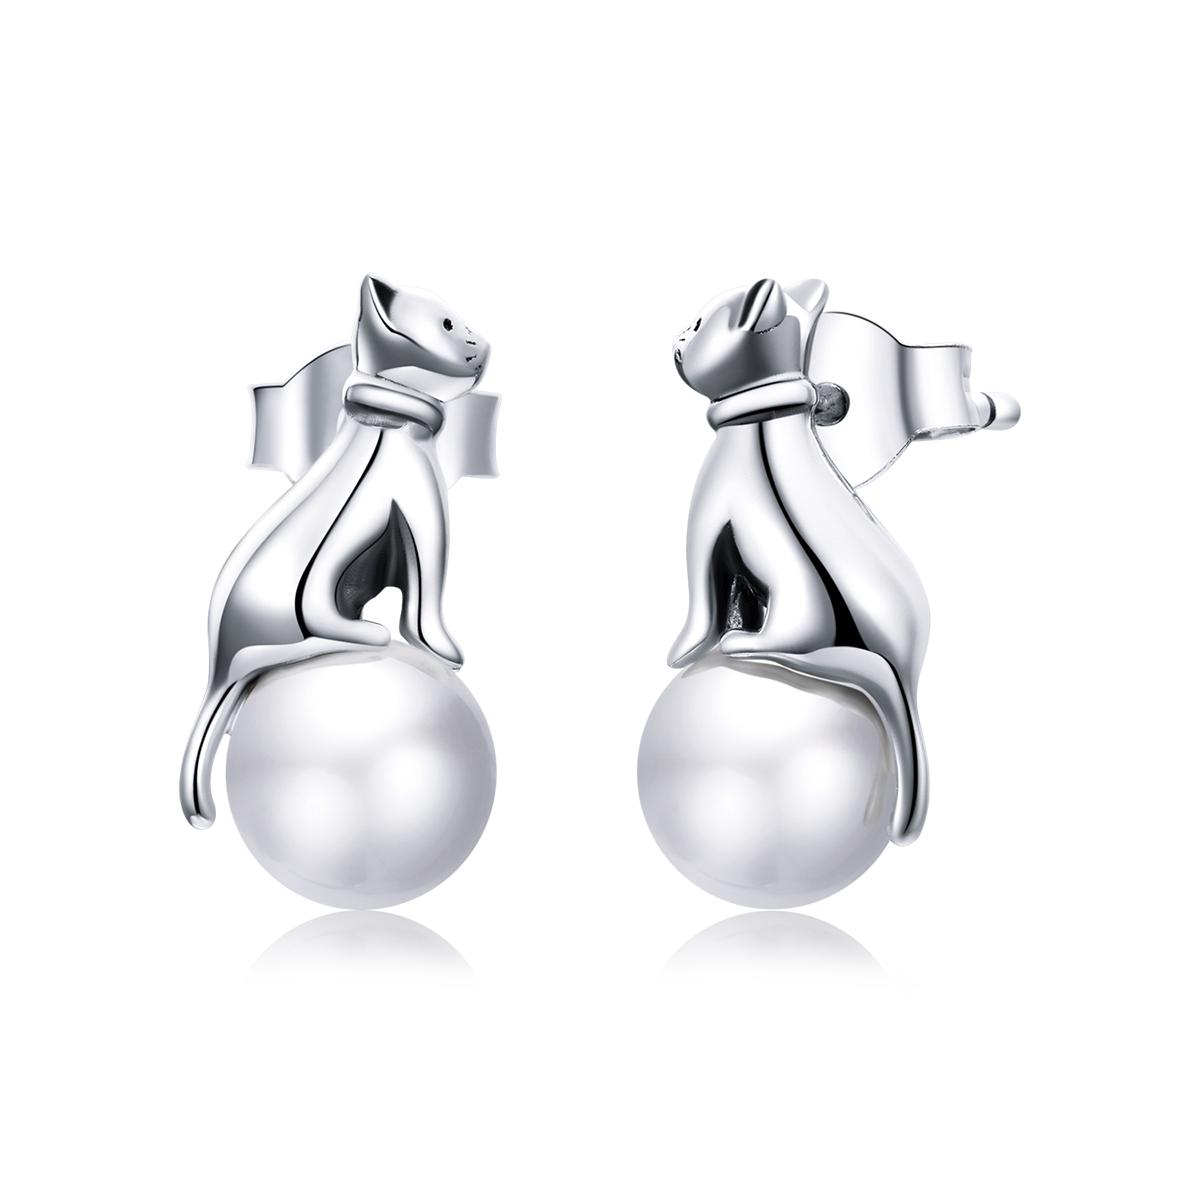 Levně Linda's Jewelry Stříbrné náušnice Kočičí Perla Ag 925/1000 IN236